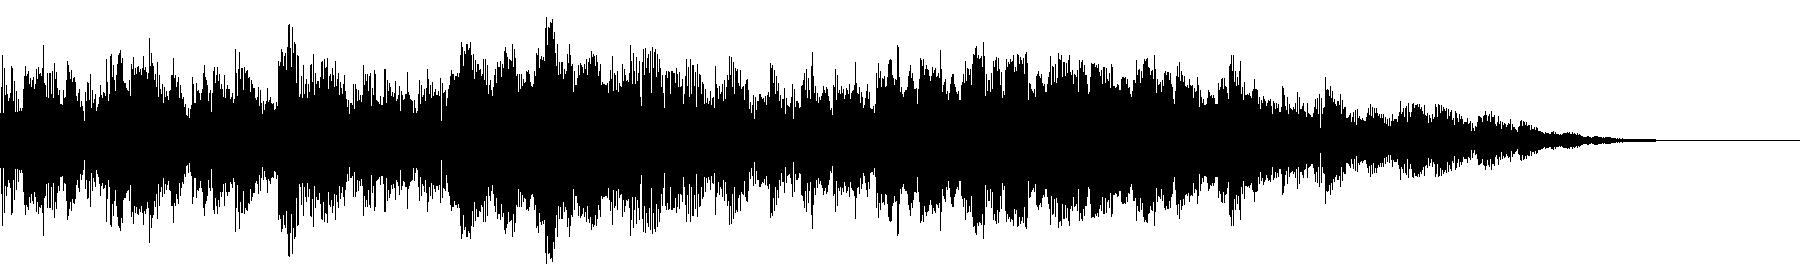 bluezone xworld sound 098